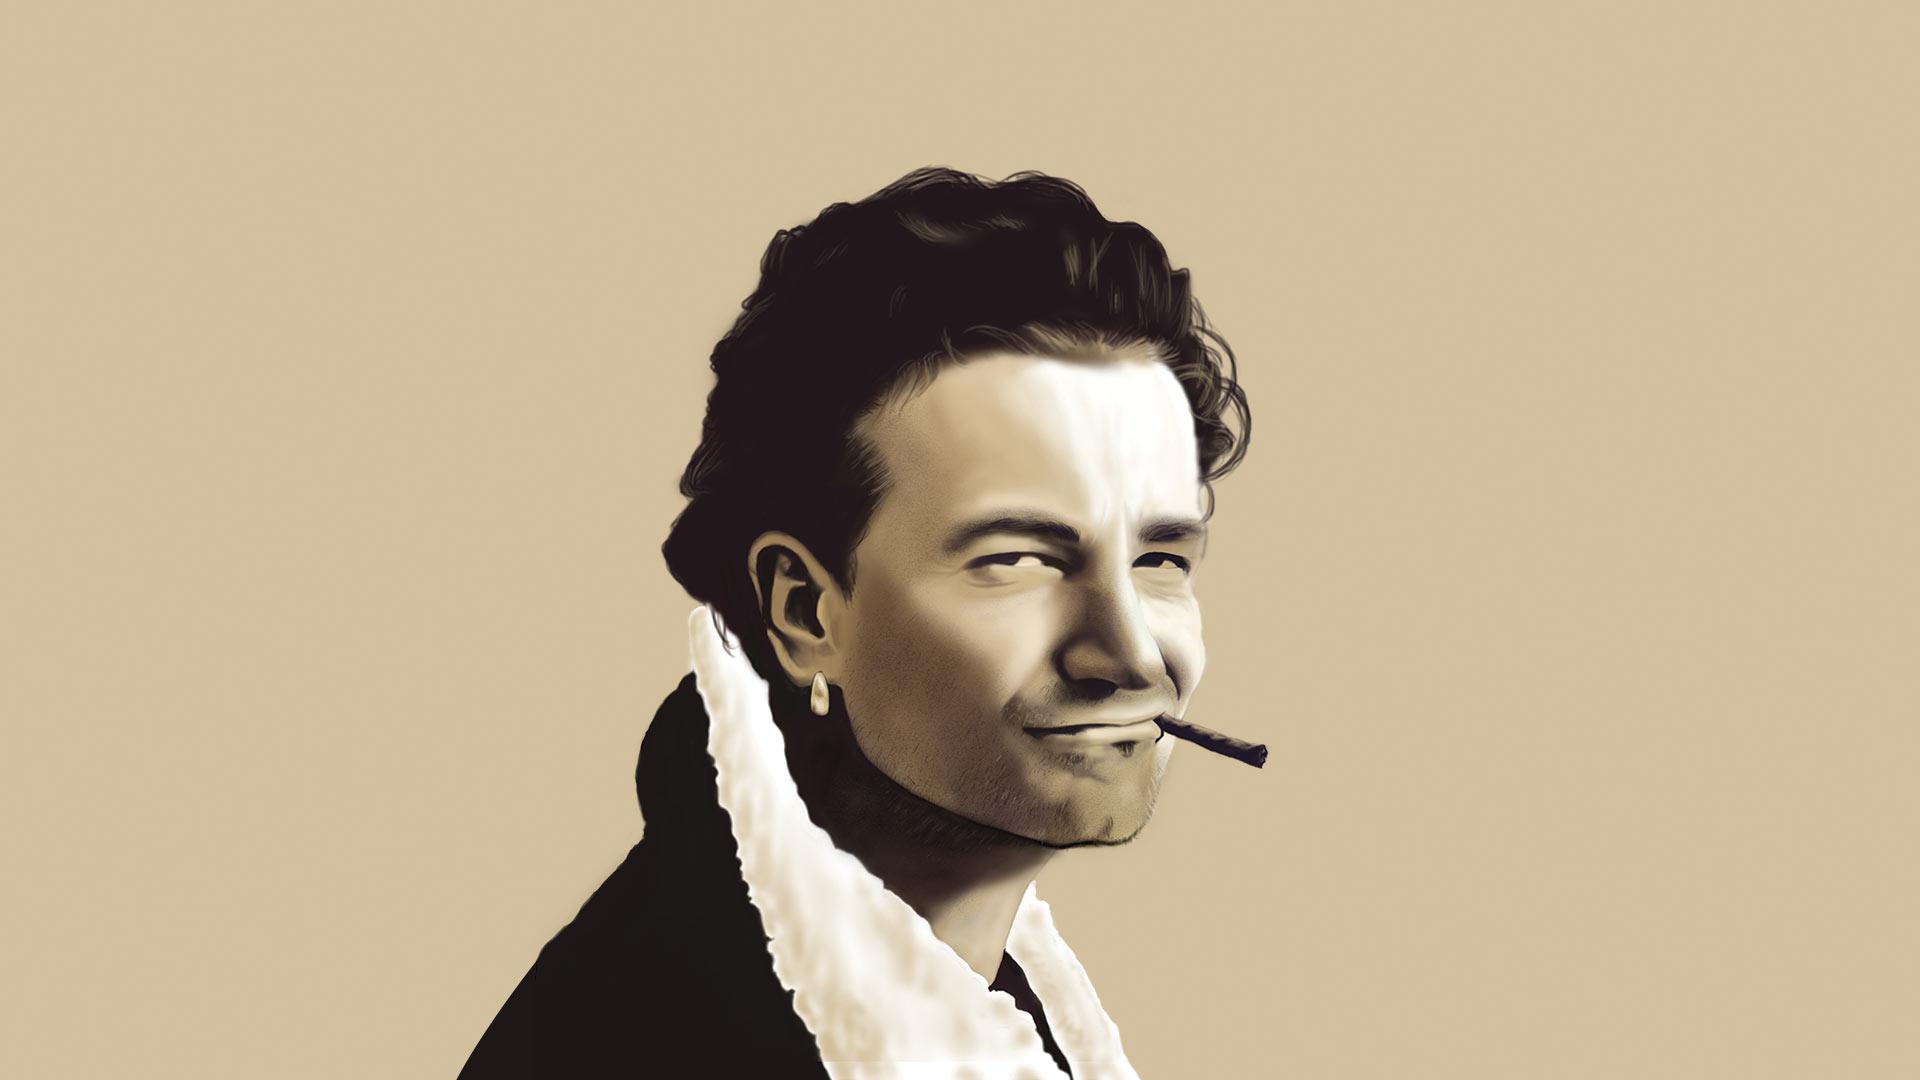 Aleksander Skowron